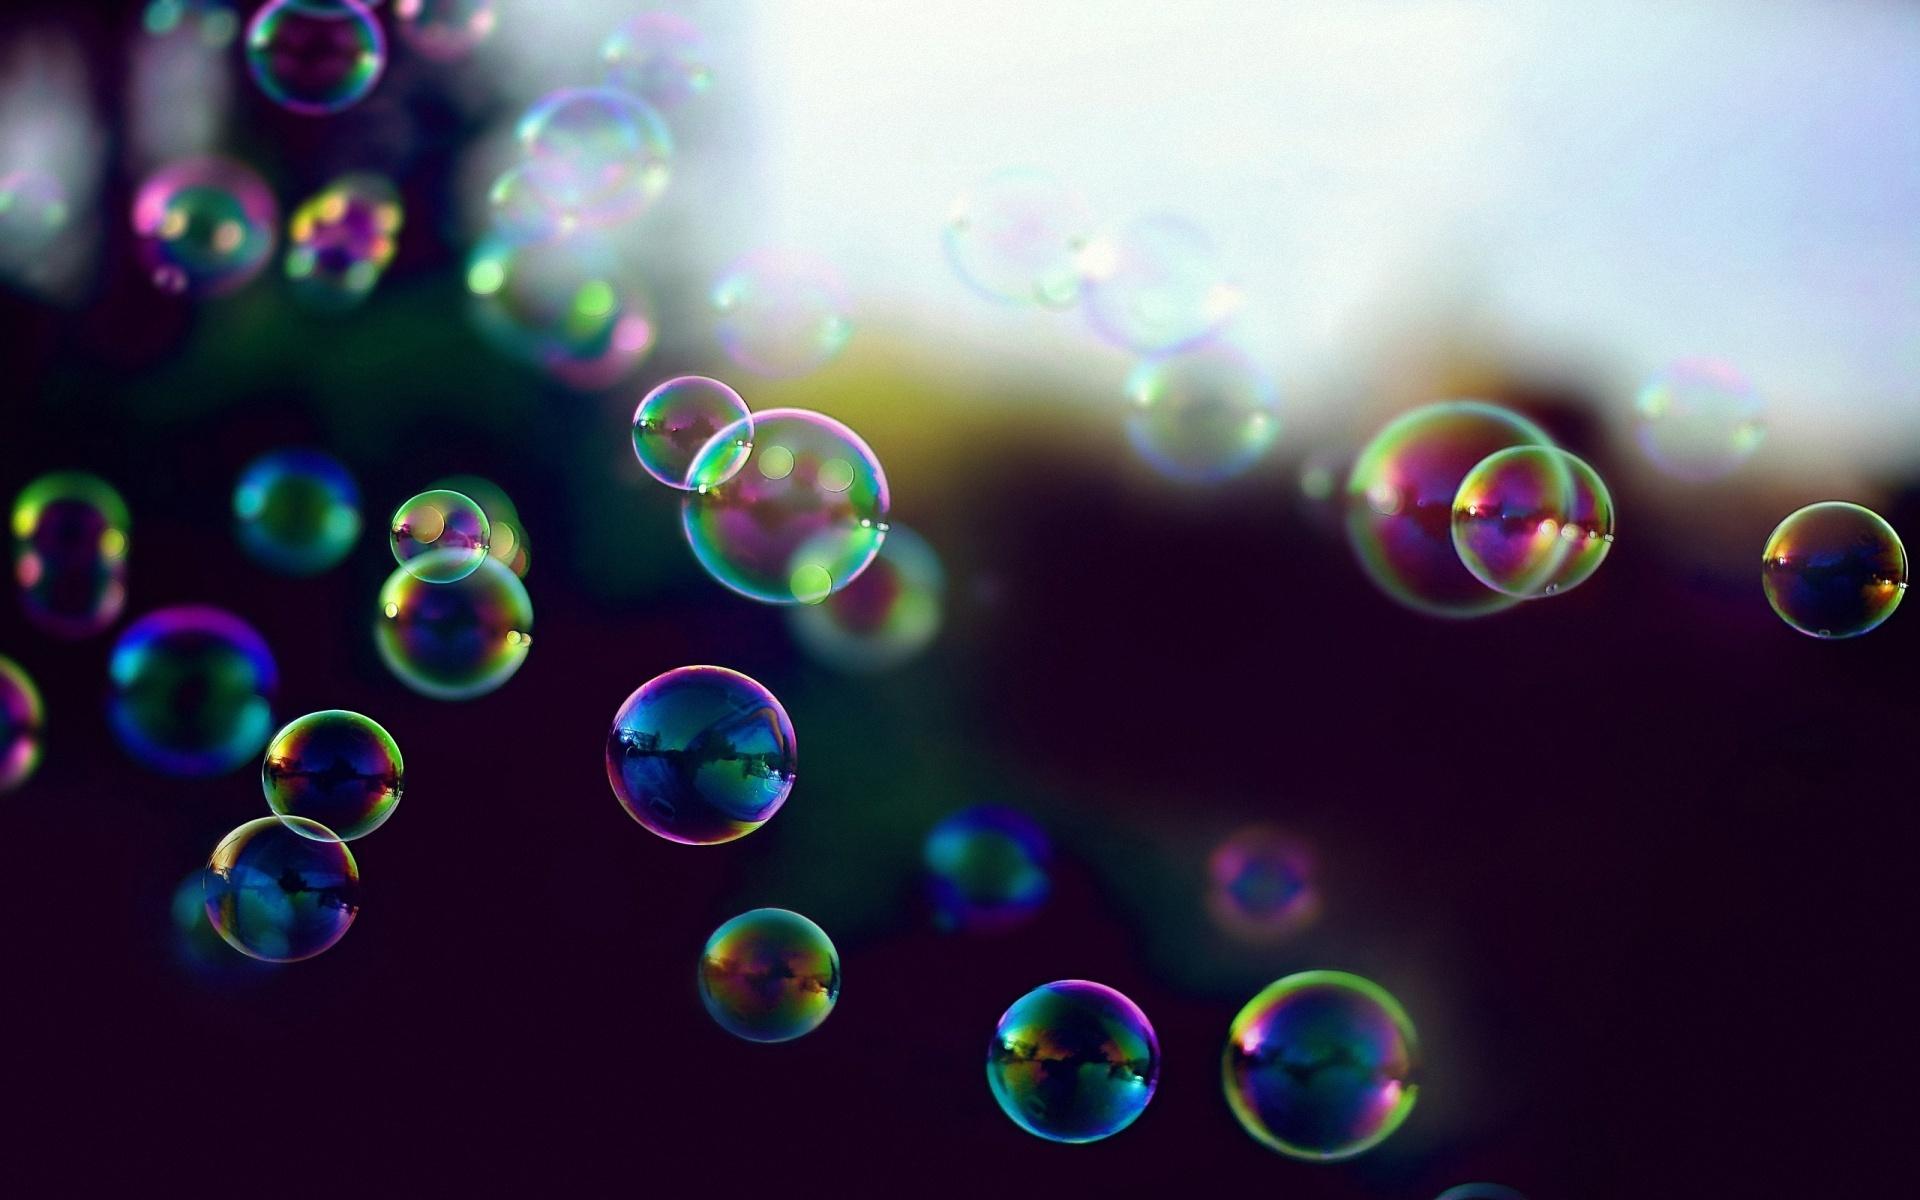 wallpaper-soap-rainbows-bubbles.jpg